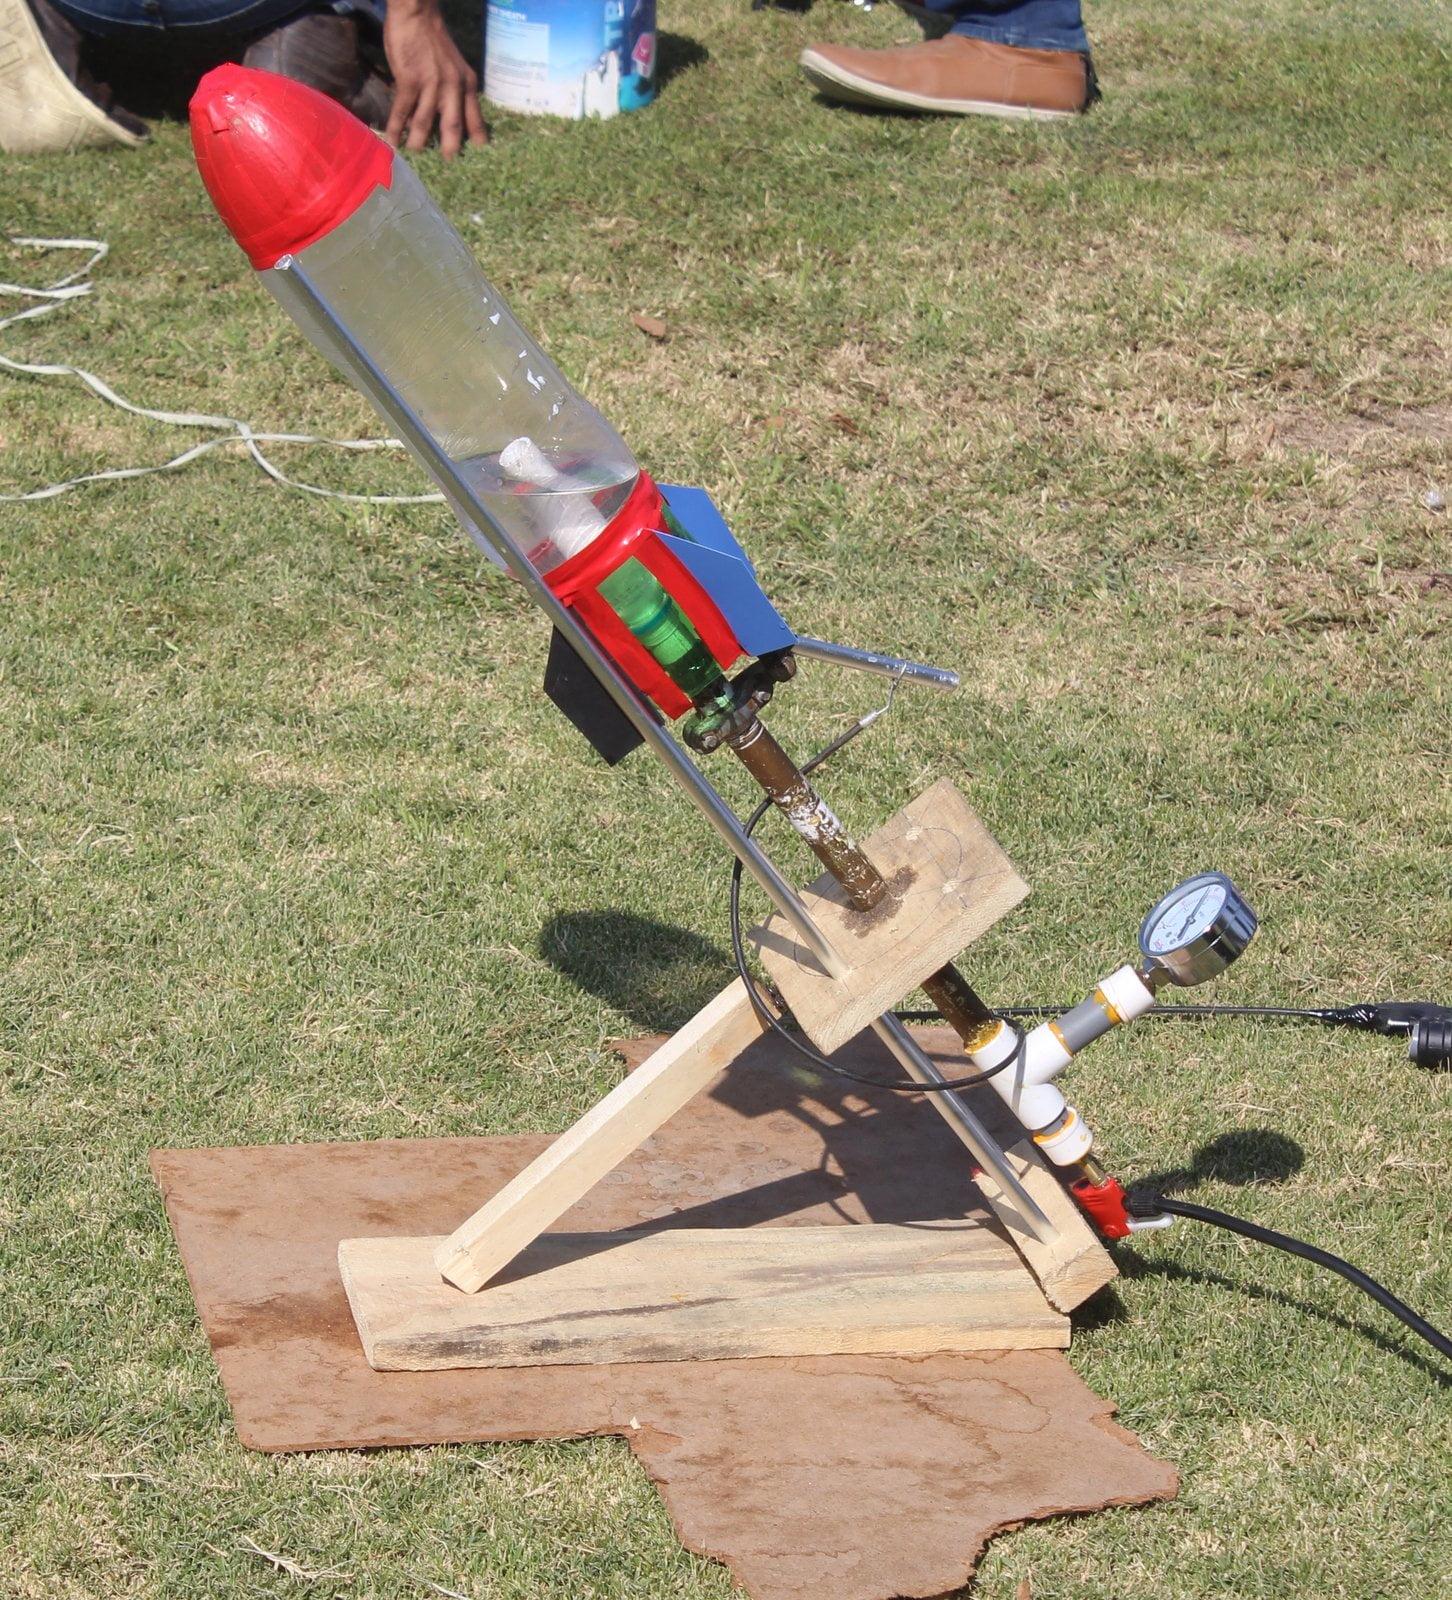 Soda Bottle Rocket: Soda Bottle Water Rocket Launcher Online ScienceStore.pk